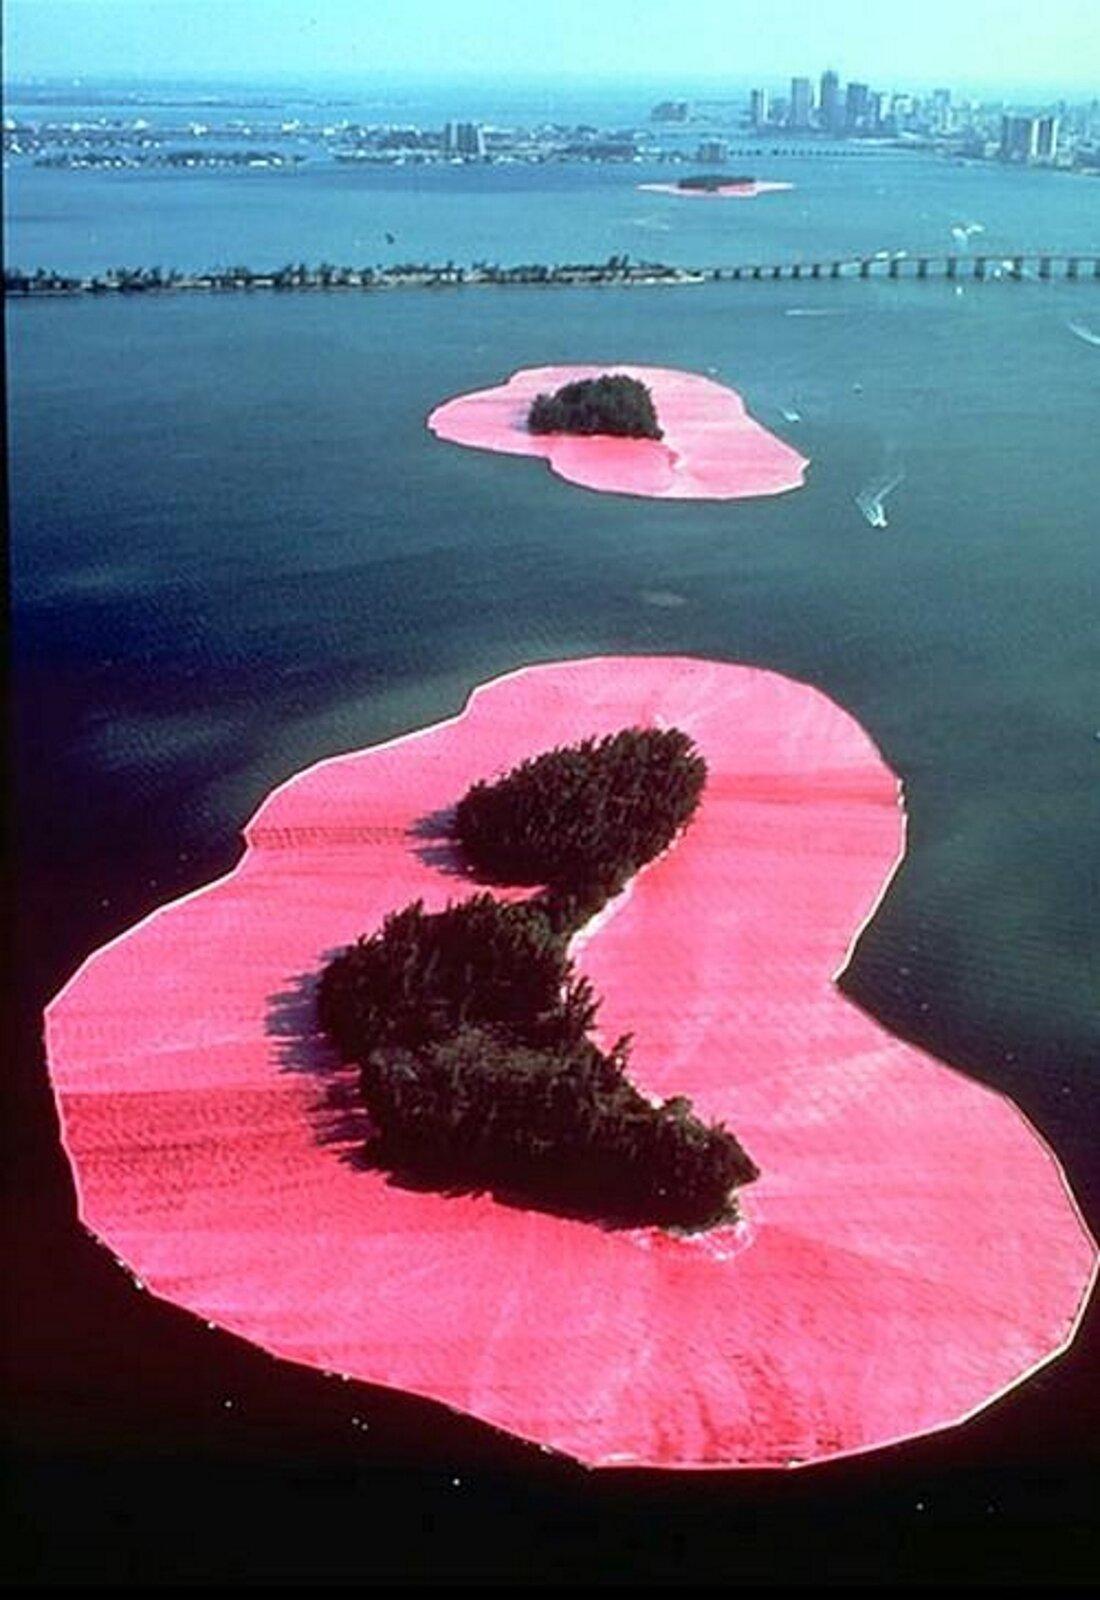 """Ilustracja przedstawia obraz Christo Jawaszew iJeanne-Claude pt. """"Surrounded Islands"""" (""""Otoczone wyspy""""). Obraz powstał w1983 roku. Autorzy dzieła byli małżeństwem, które tworzyło dzieła sztuki związane zochroną środowiska. Na obrazie przedstawiony jest duży zbiornik wodny. Wjego centralnym punkcie znajduje się różowa wyspa zkrzewami pośrodku. Woddali znajduje się podobna, mniejsza wyspa. Wtle widoczne są zabudowania oraz fragment miasta."""